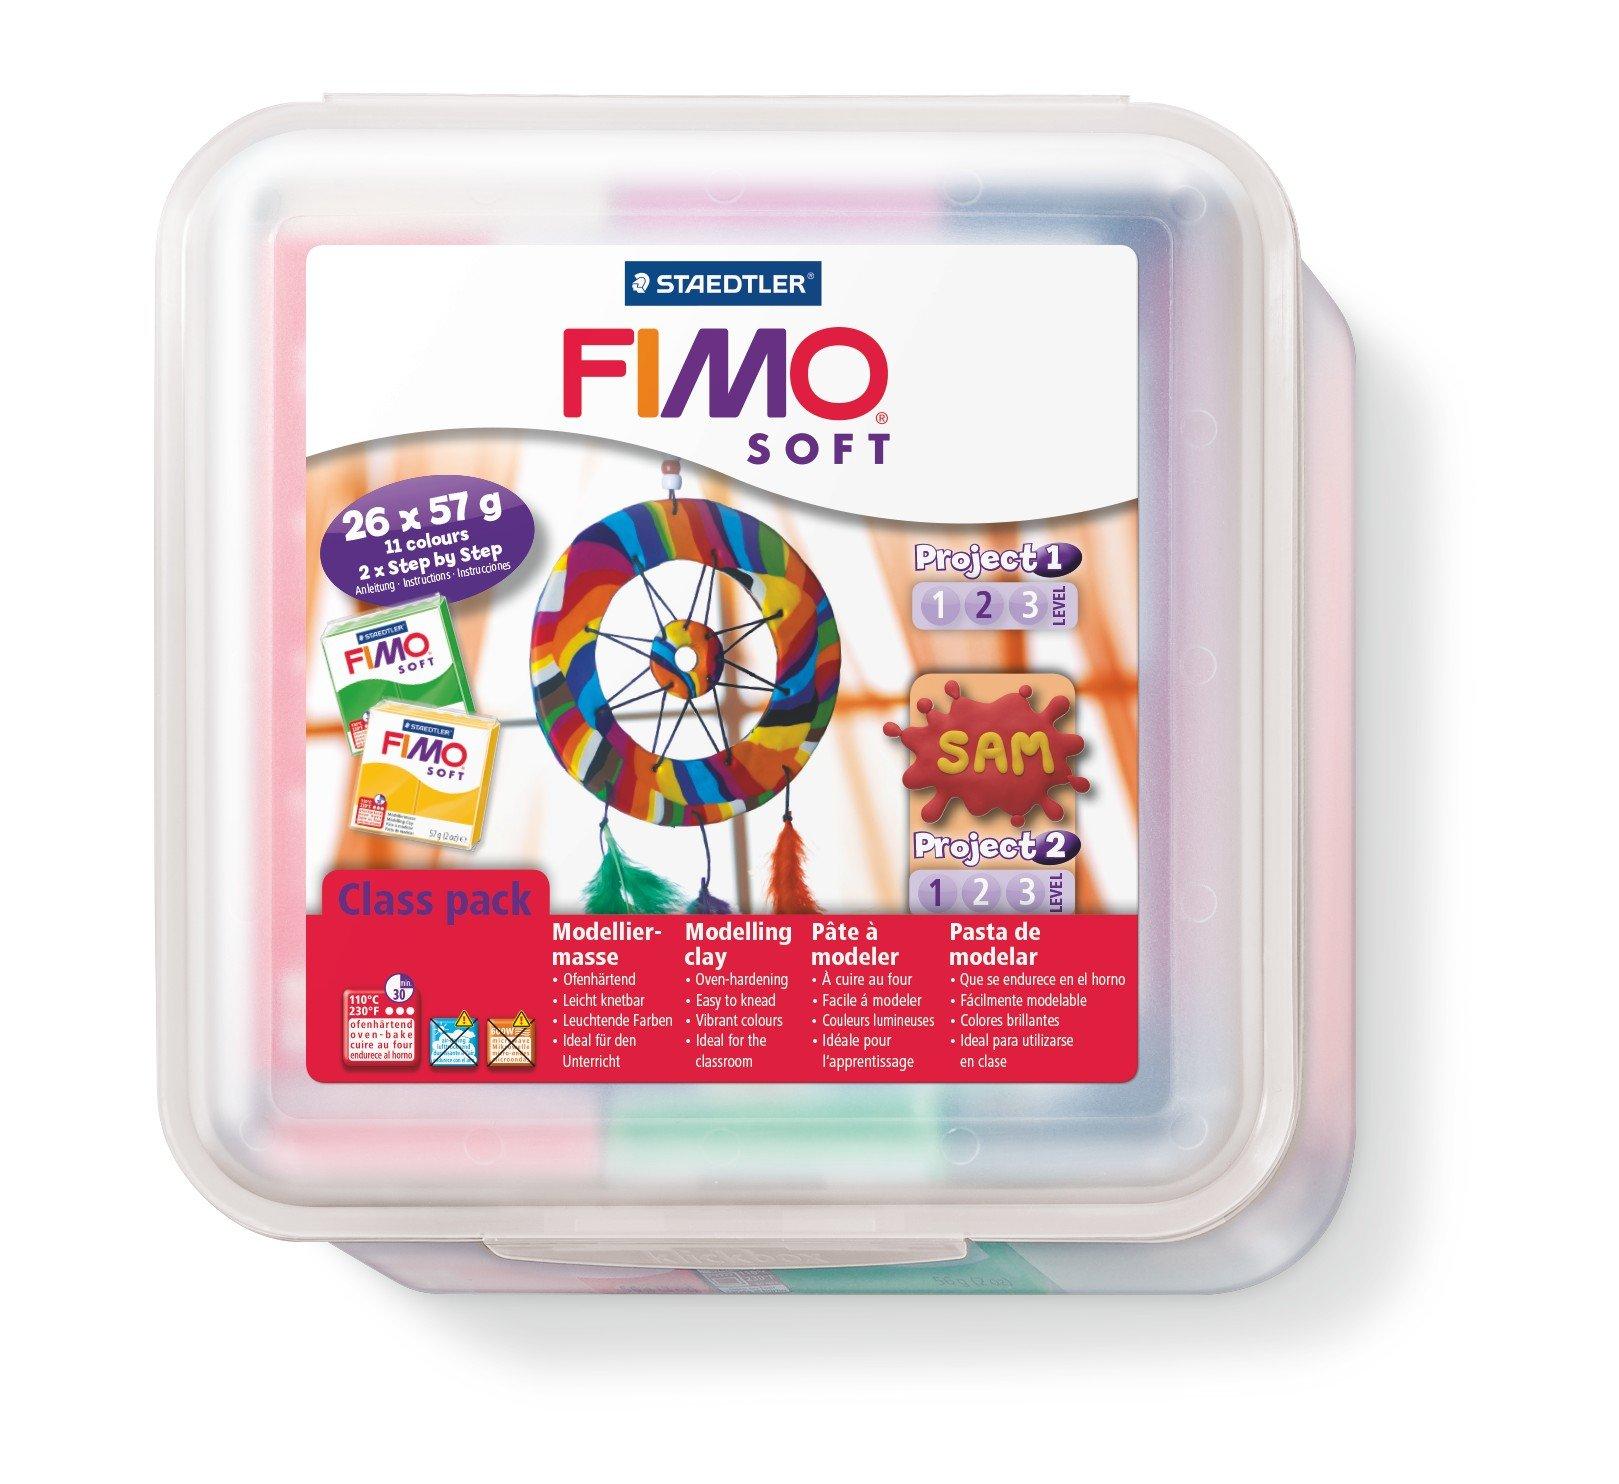 Staedtler FIMO Soft, Pâte à Modeler Extrêmement Souple, Facile à Démouler, Durcissant au Four, Class pack de 26 pains de 57 grammes en 11 Couleurs Assorties, 8023 50 LX product image